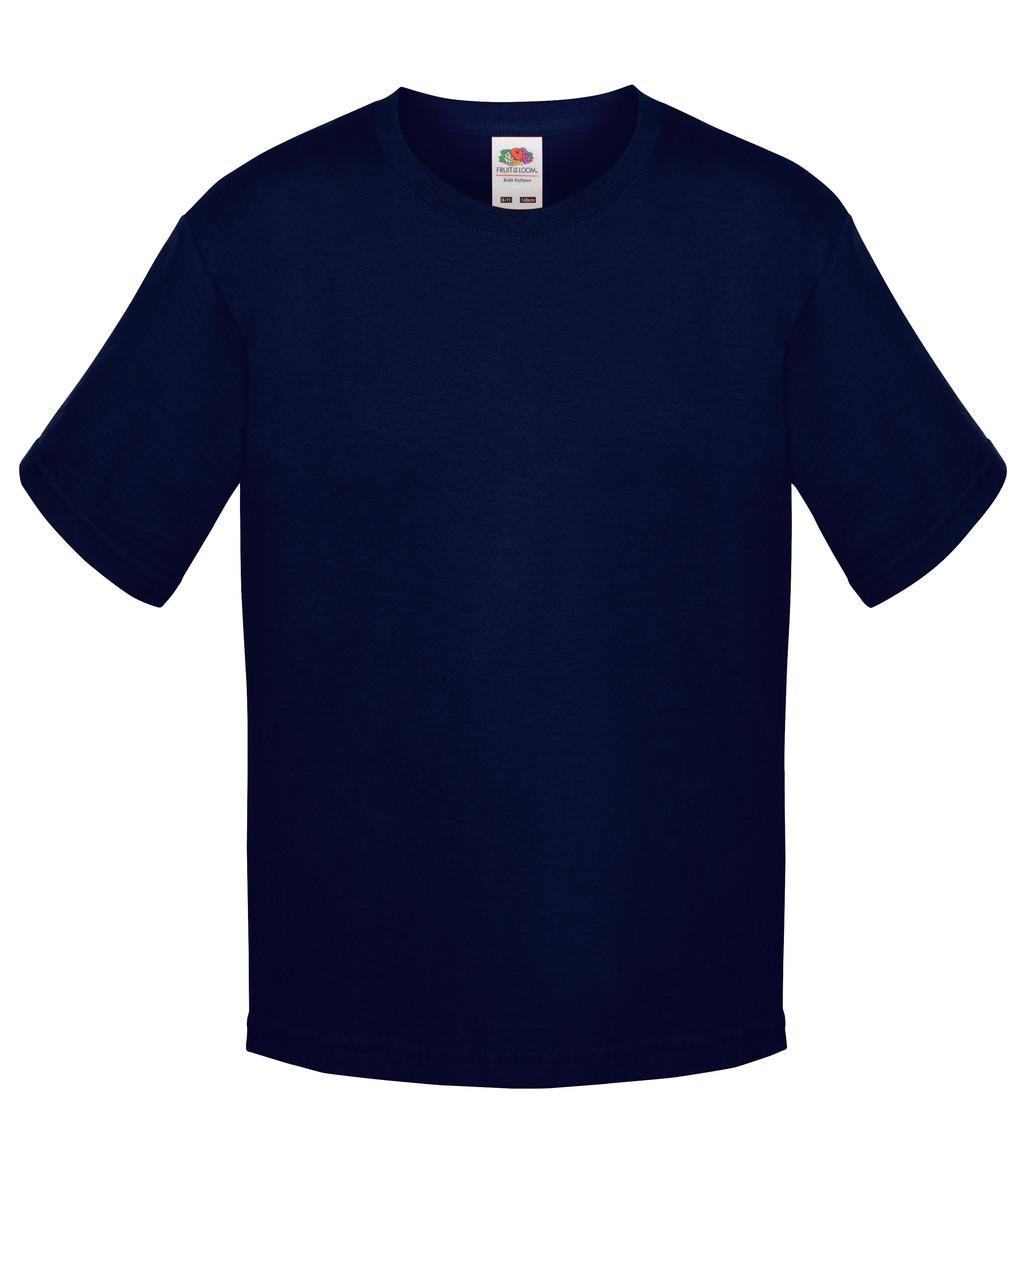 Детская футболка Мягкая для Мальчиков Глубоко тёмно-синяя Fruit of the loom 61-015-AZ 9-11